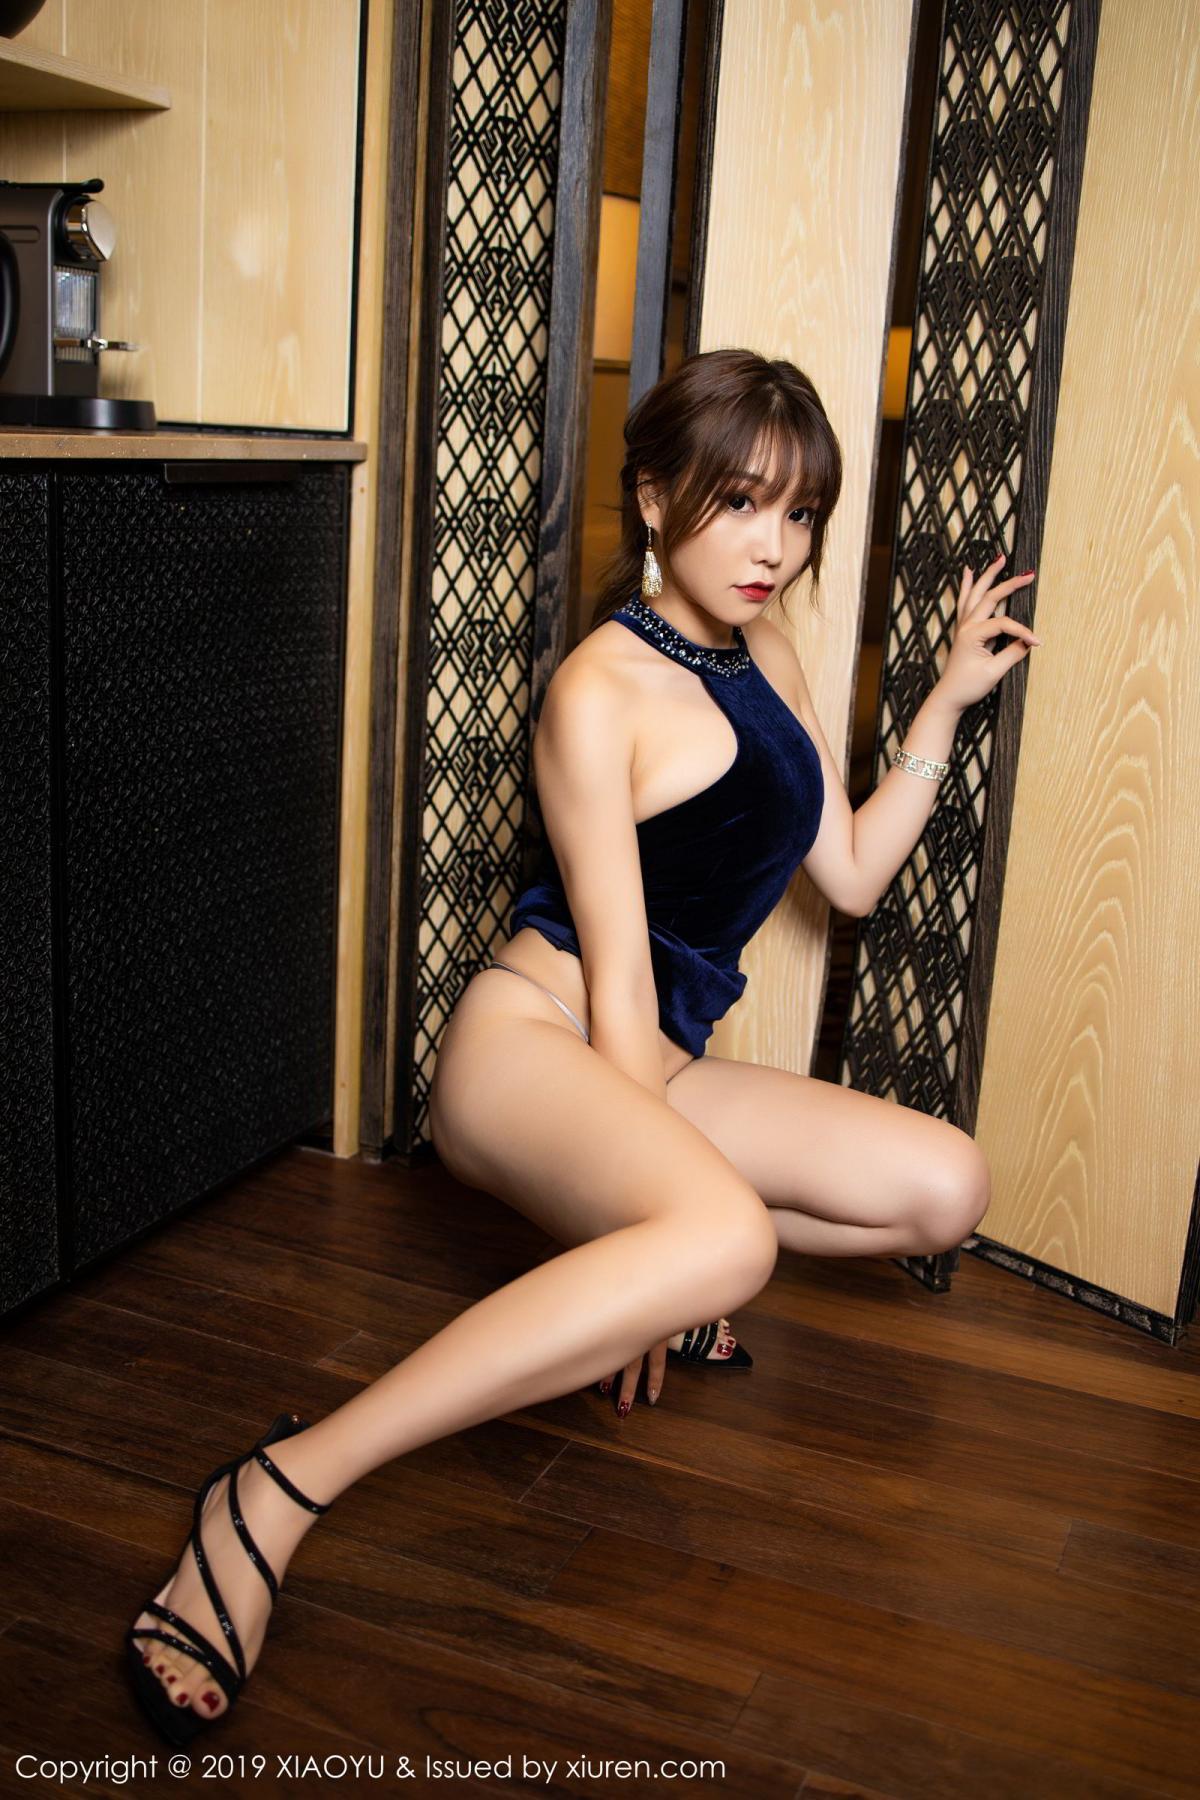 [XiaoYu] Vol.192 Chen Zhi 21P, Chen Zhi, Cheongsam, Tall, XiaoYu